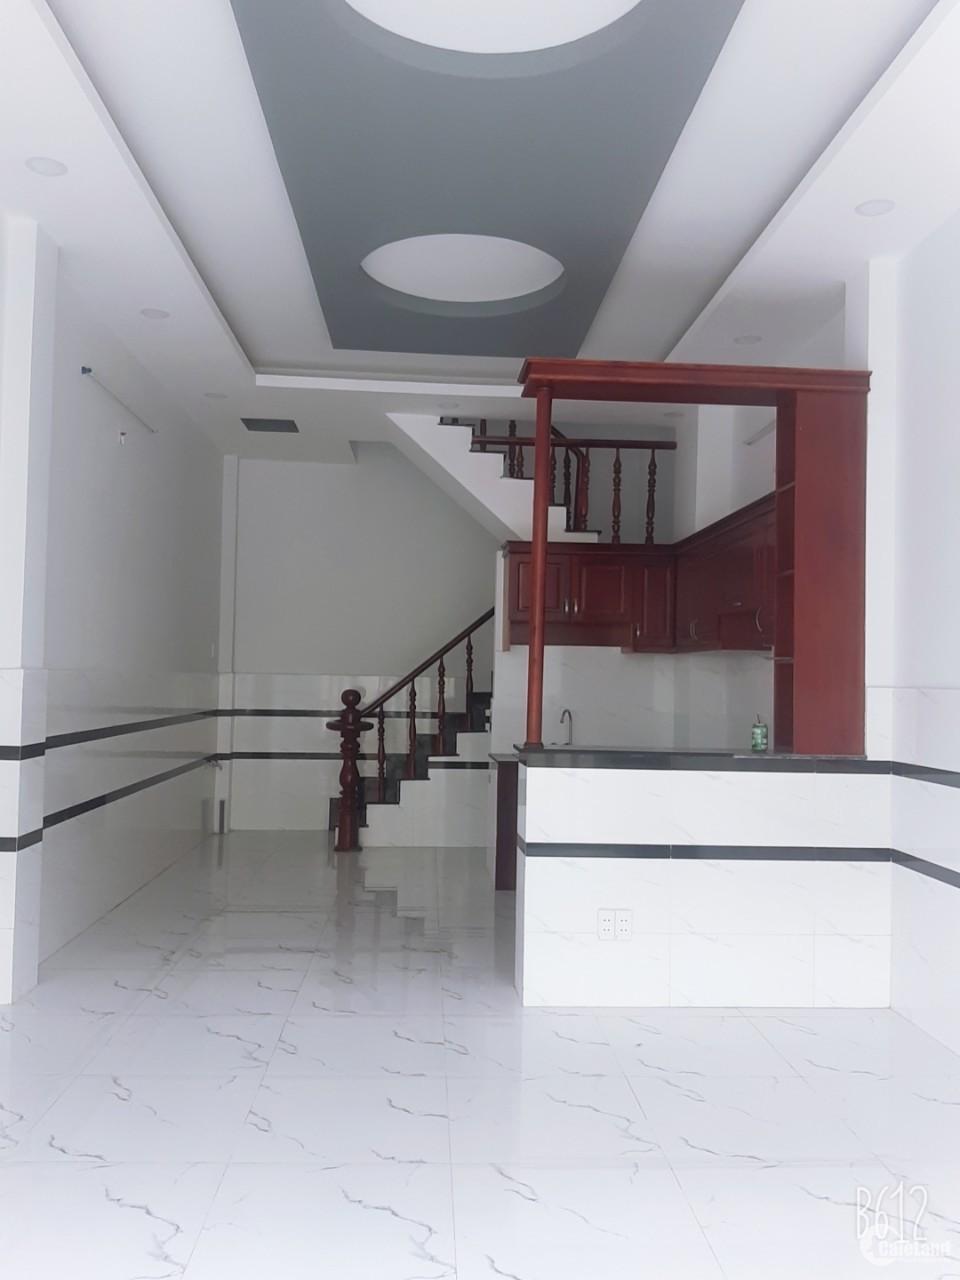 Nhà Đẹp Kiếm chủ Xây dựng 2 Lầu 4x 10 Gía 2,05 tỷ LH 0937 067 333